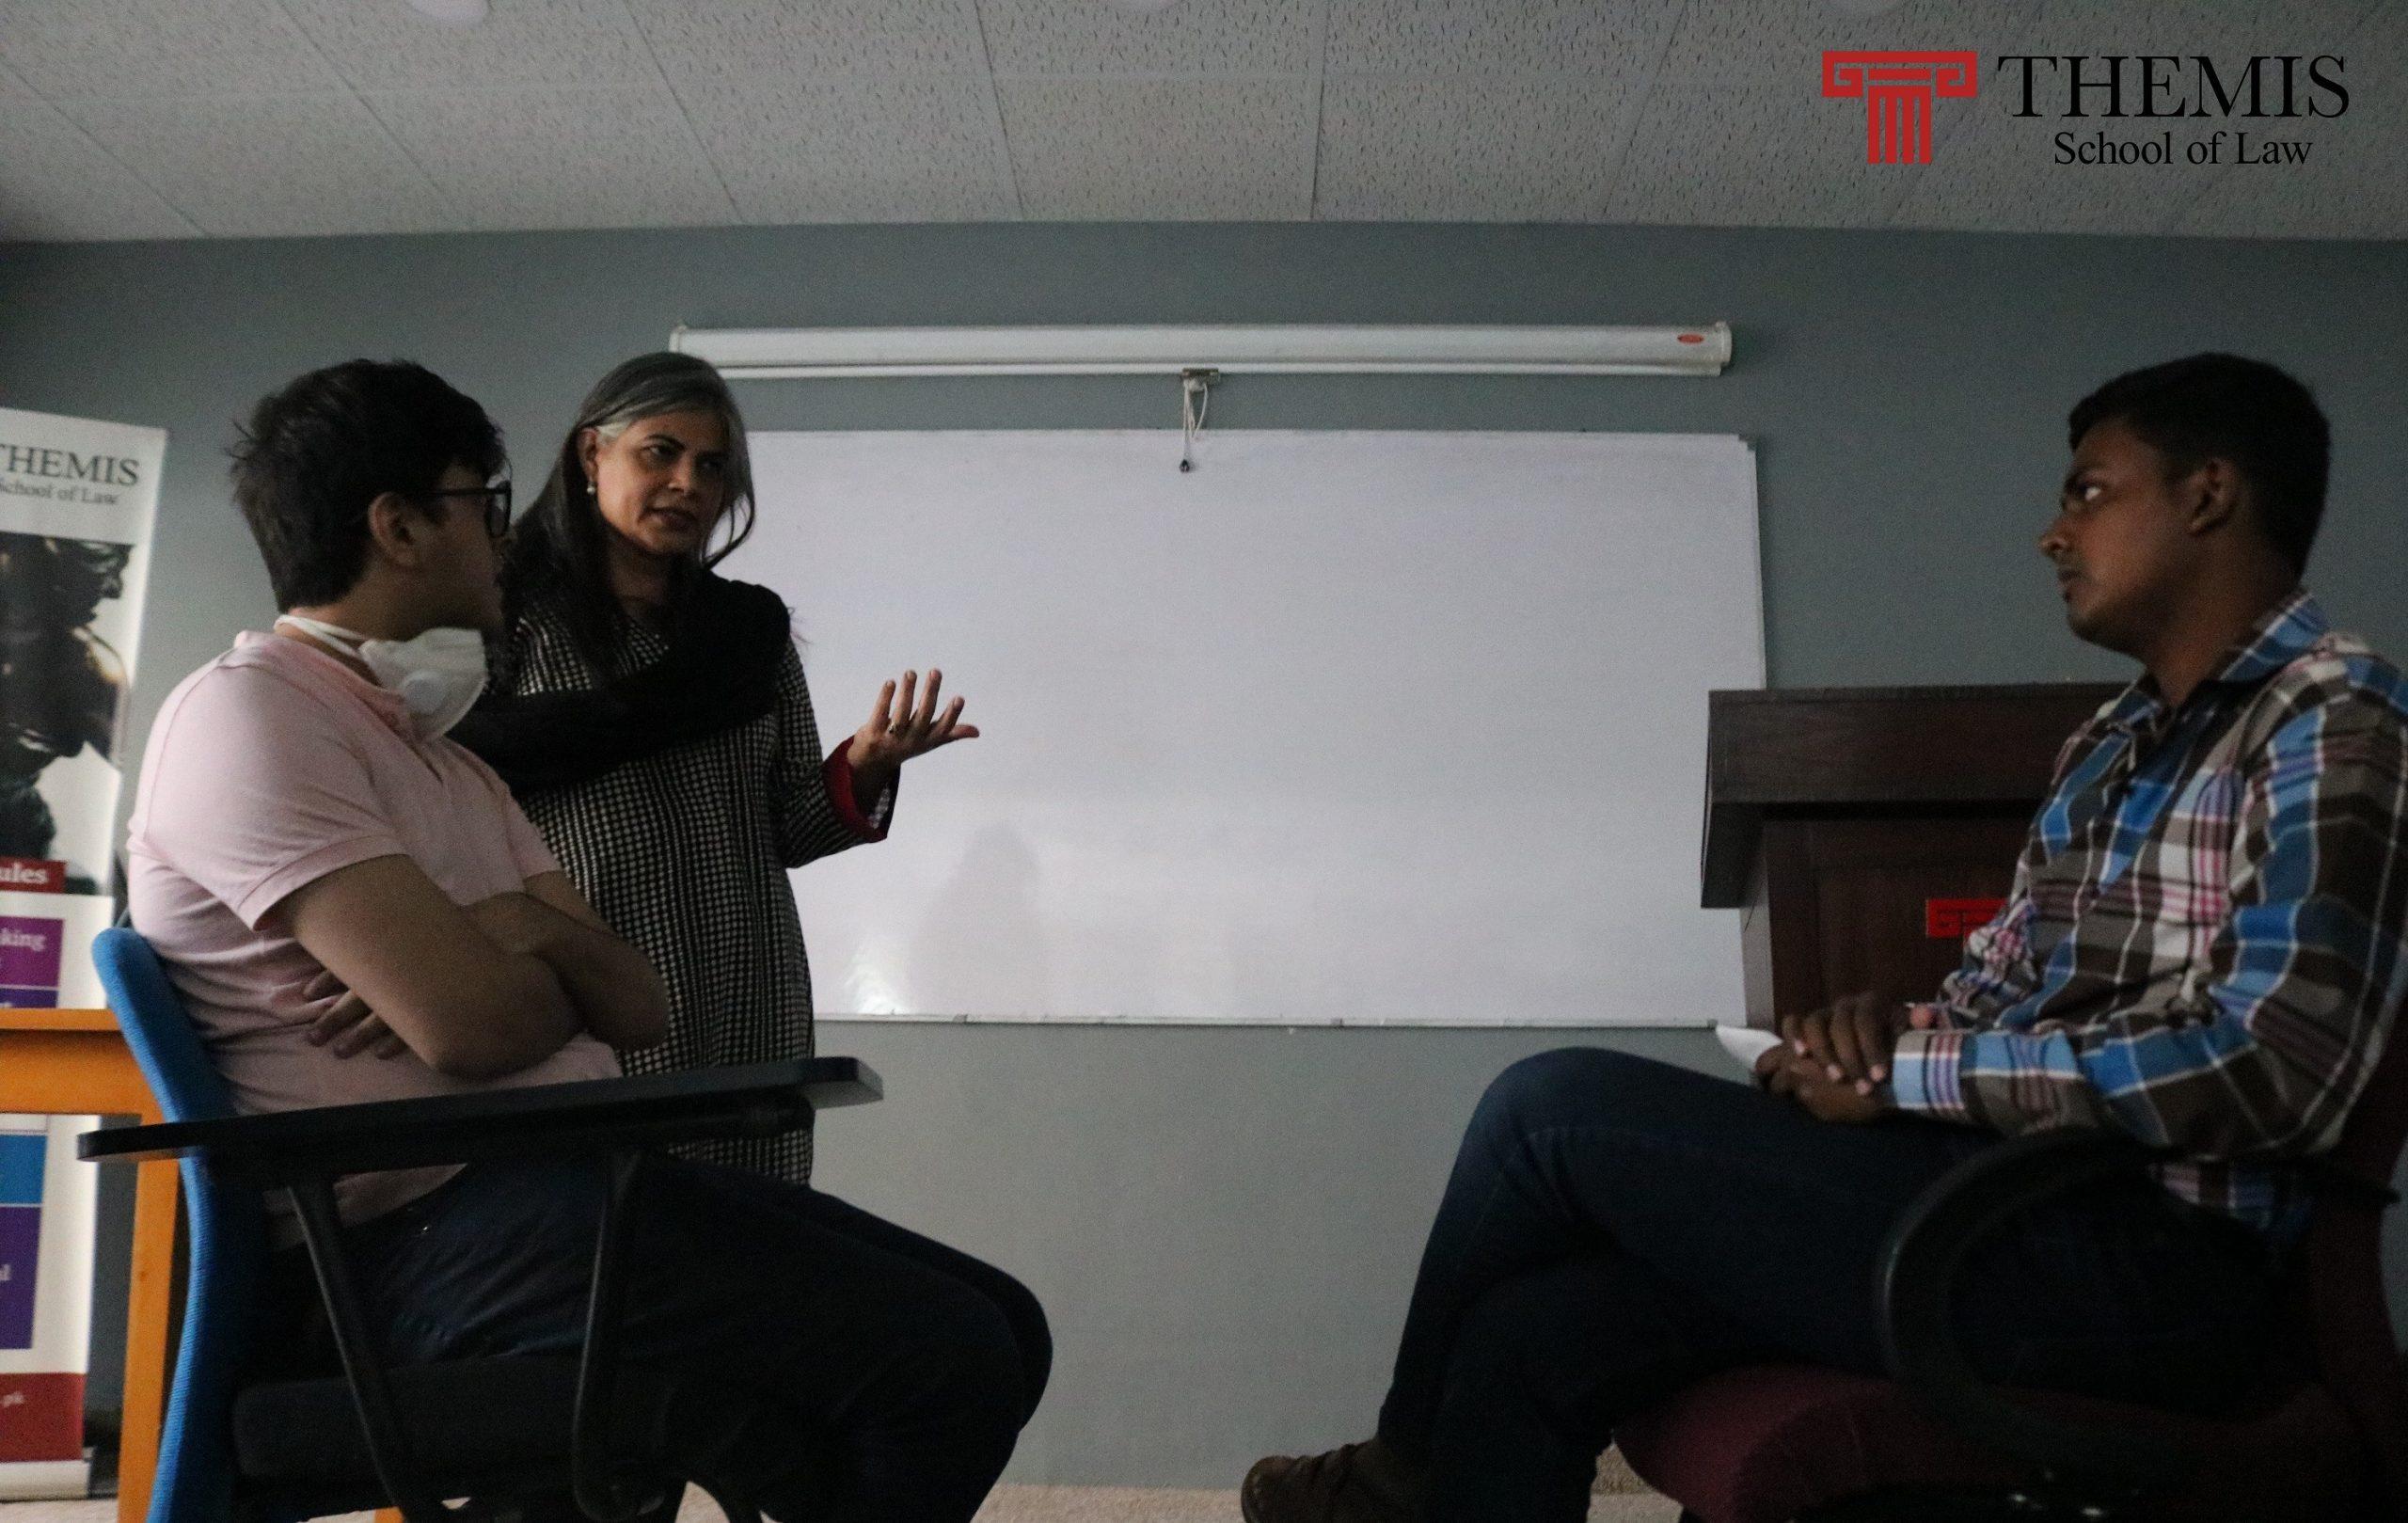 Seminar on Interpersonal & Conflict Resolution Skills